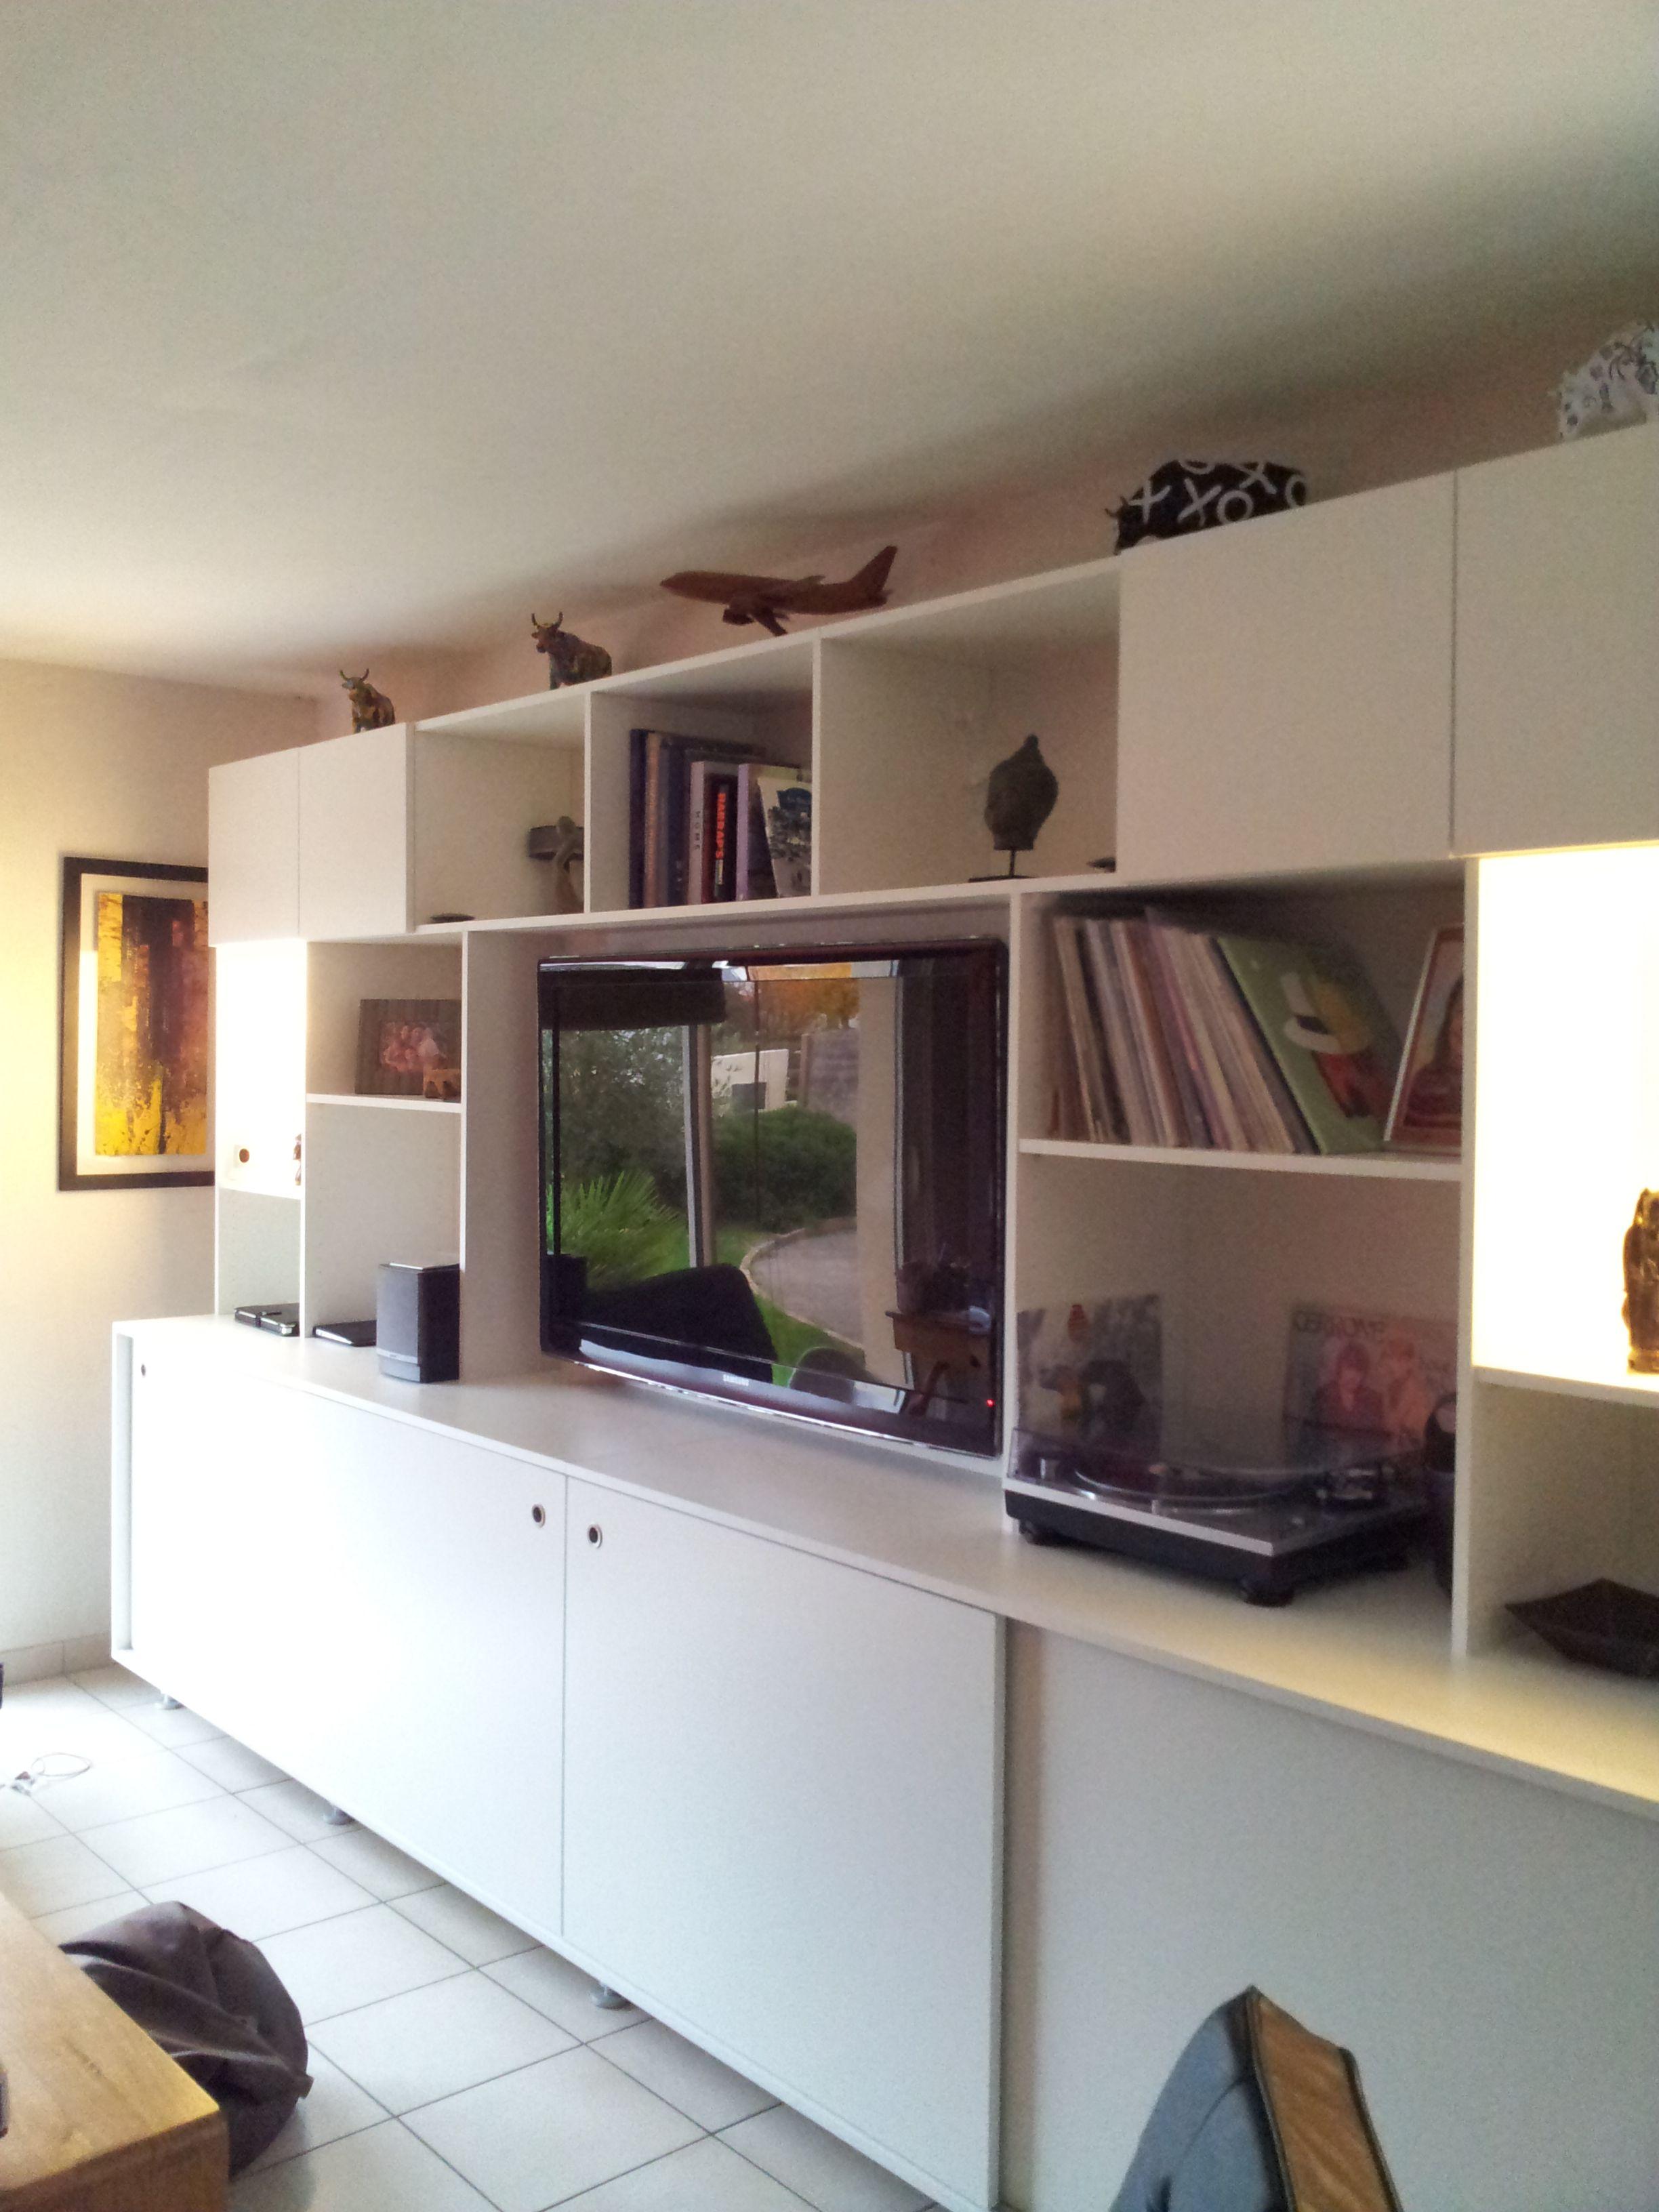 Meuble Tv Realise Par Notre Agence Antoine De Casteras A Vannes Dans Le Morbihan Architecte Interieur Decoration Interieure Meuble Tv